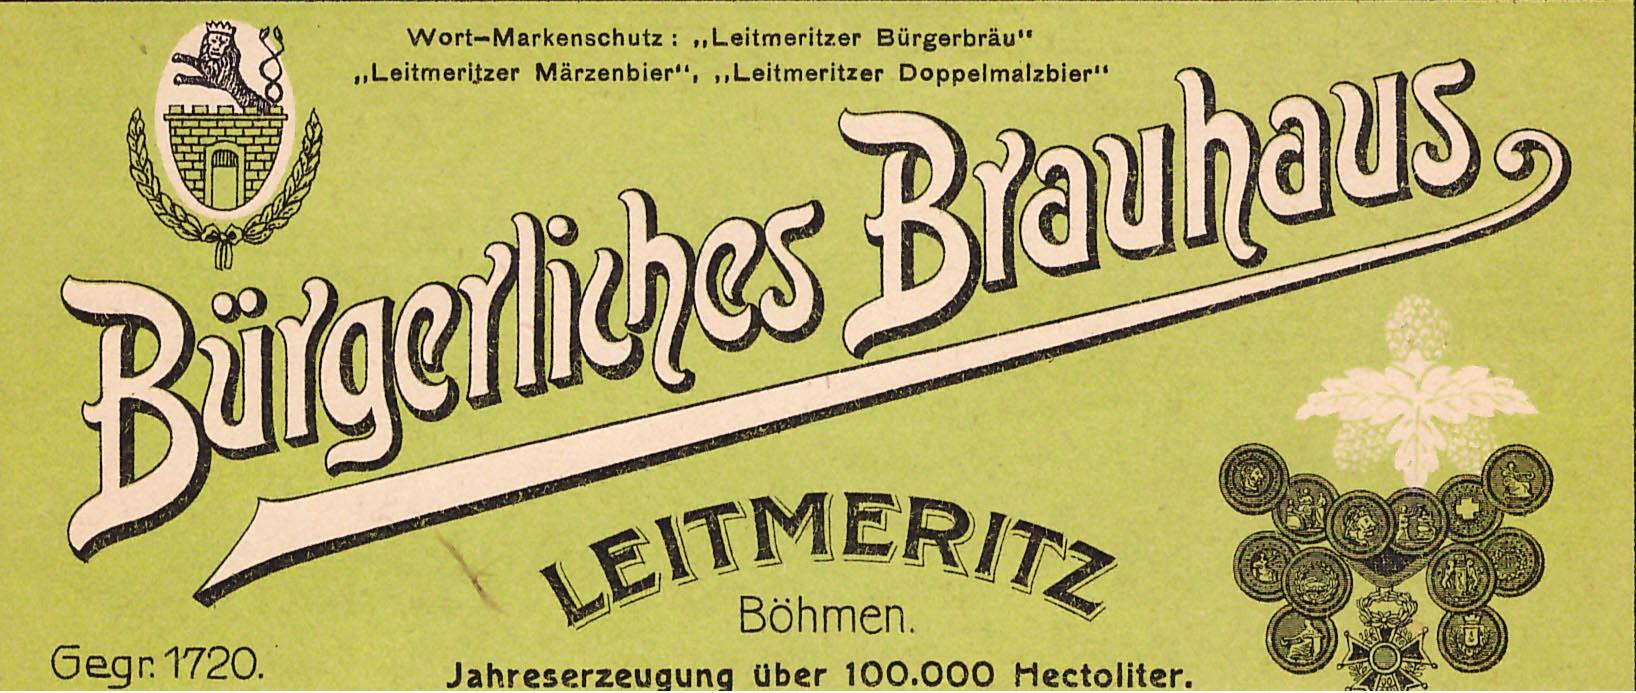 burgerlichces_brauhaus-large